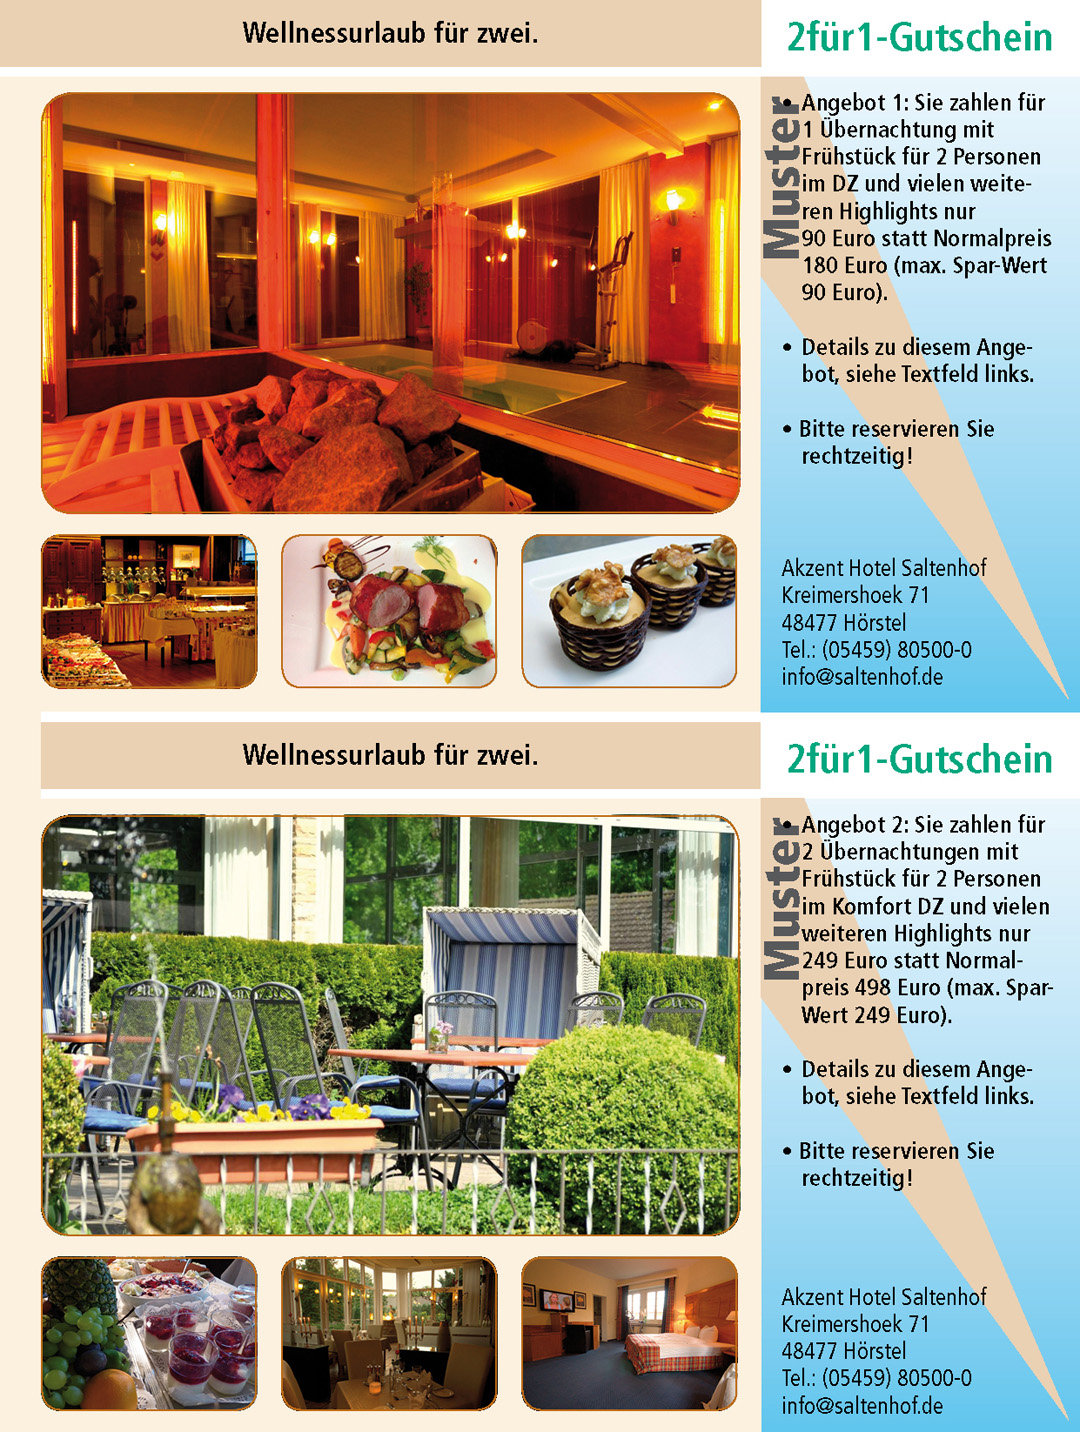 2 für 1 Gutschein-Wellness-Ruhrgebiet-Akzent-Hotel-Saltenhof-Hörstel